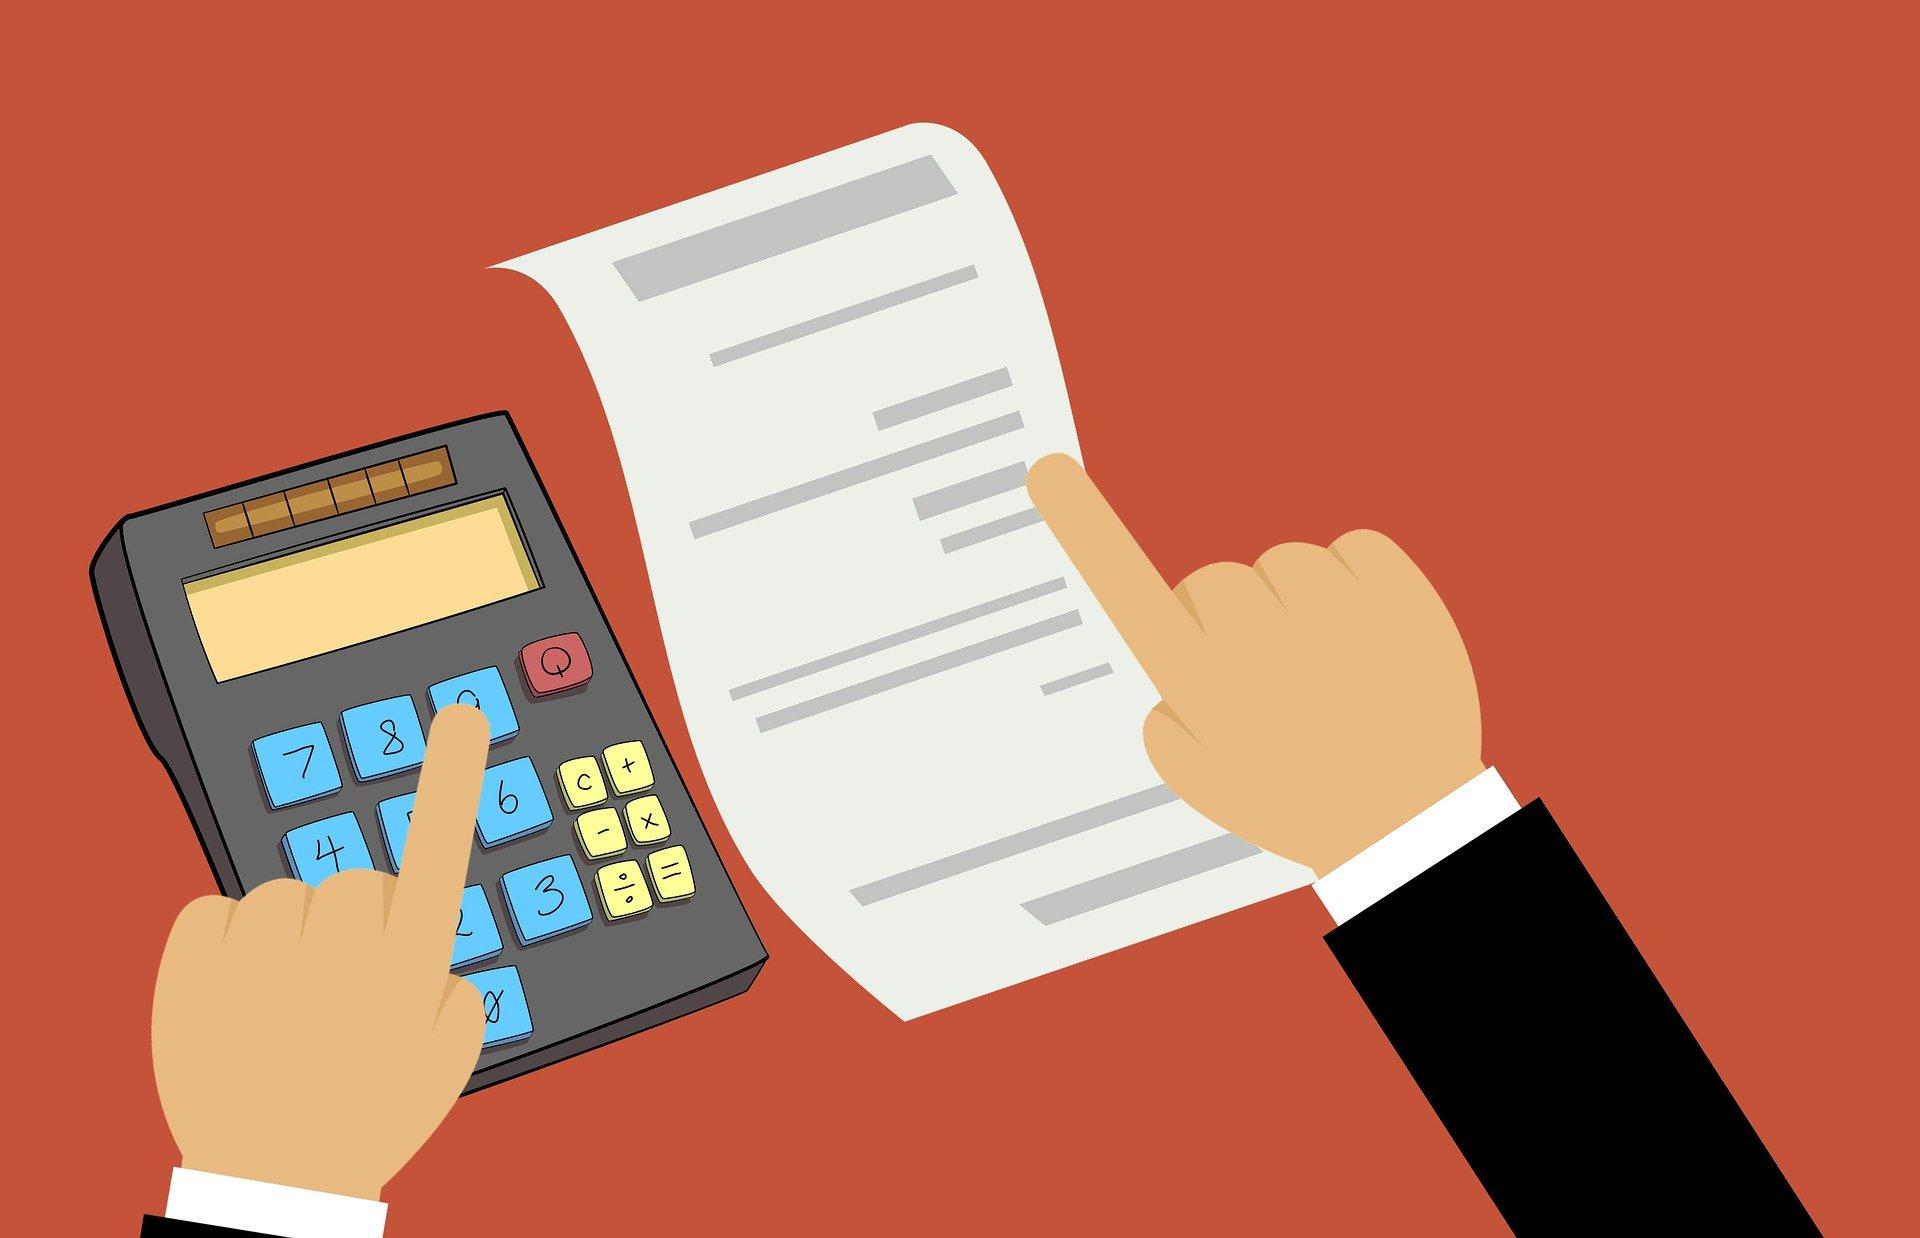 La gestión documental permite hasta un 80% de ahorro de costes